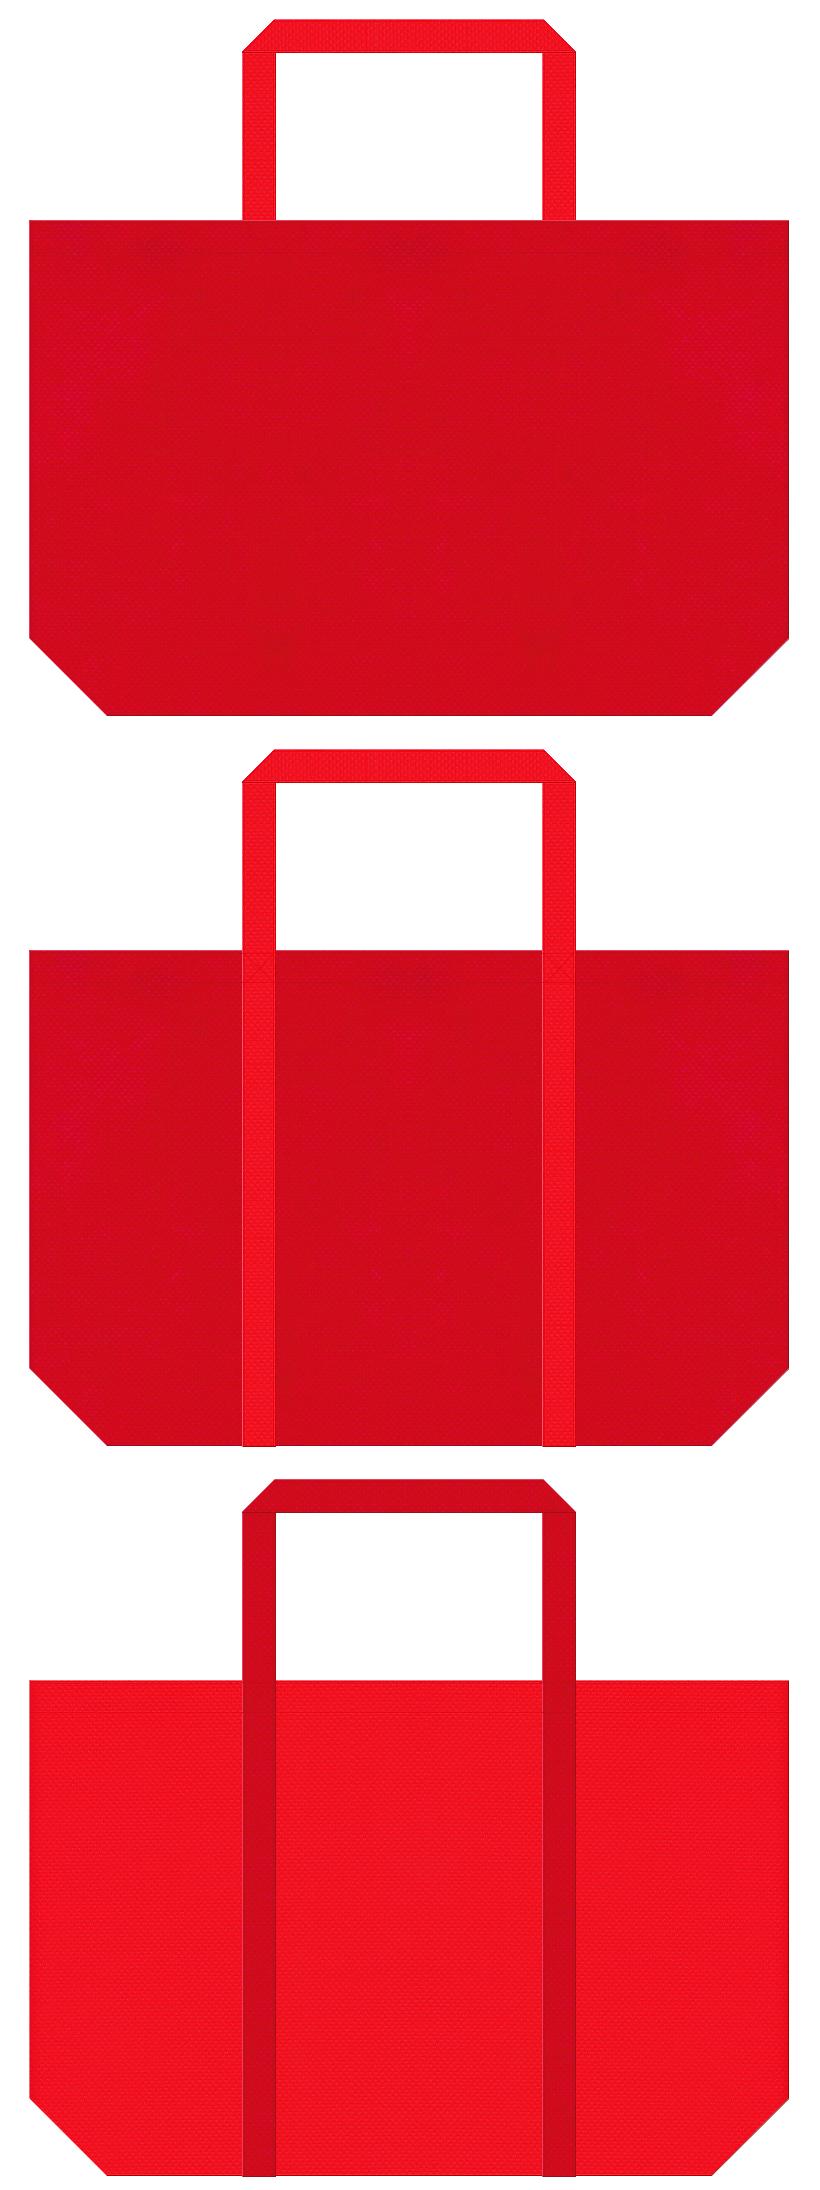 鎧兜・端午の節句・赤備え・お城イベント・紅葉・観光土産・サンタクロース・クリスマスセール・暖炉・ストーブ・お正月・福袋にお奨めの不織布バッグデザイン:紅色と赤色のコーデ